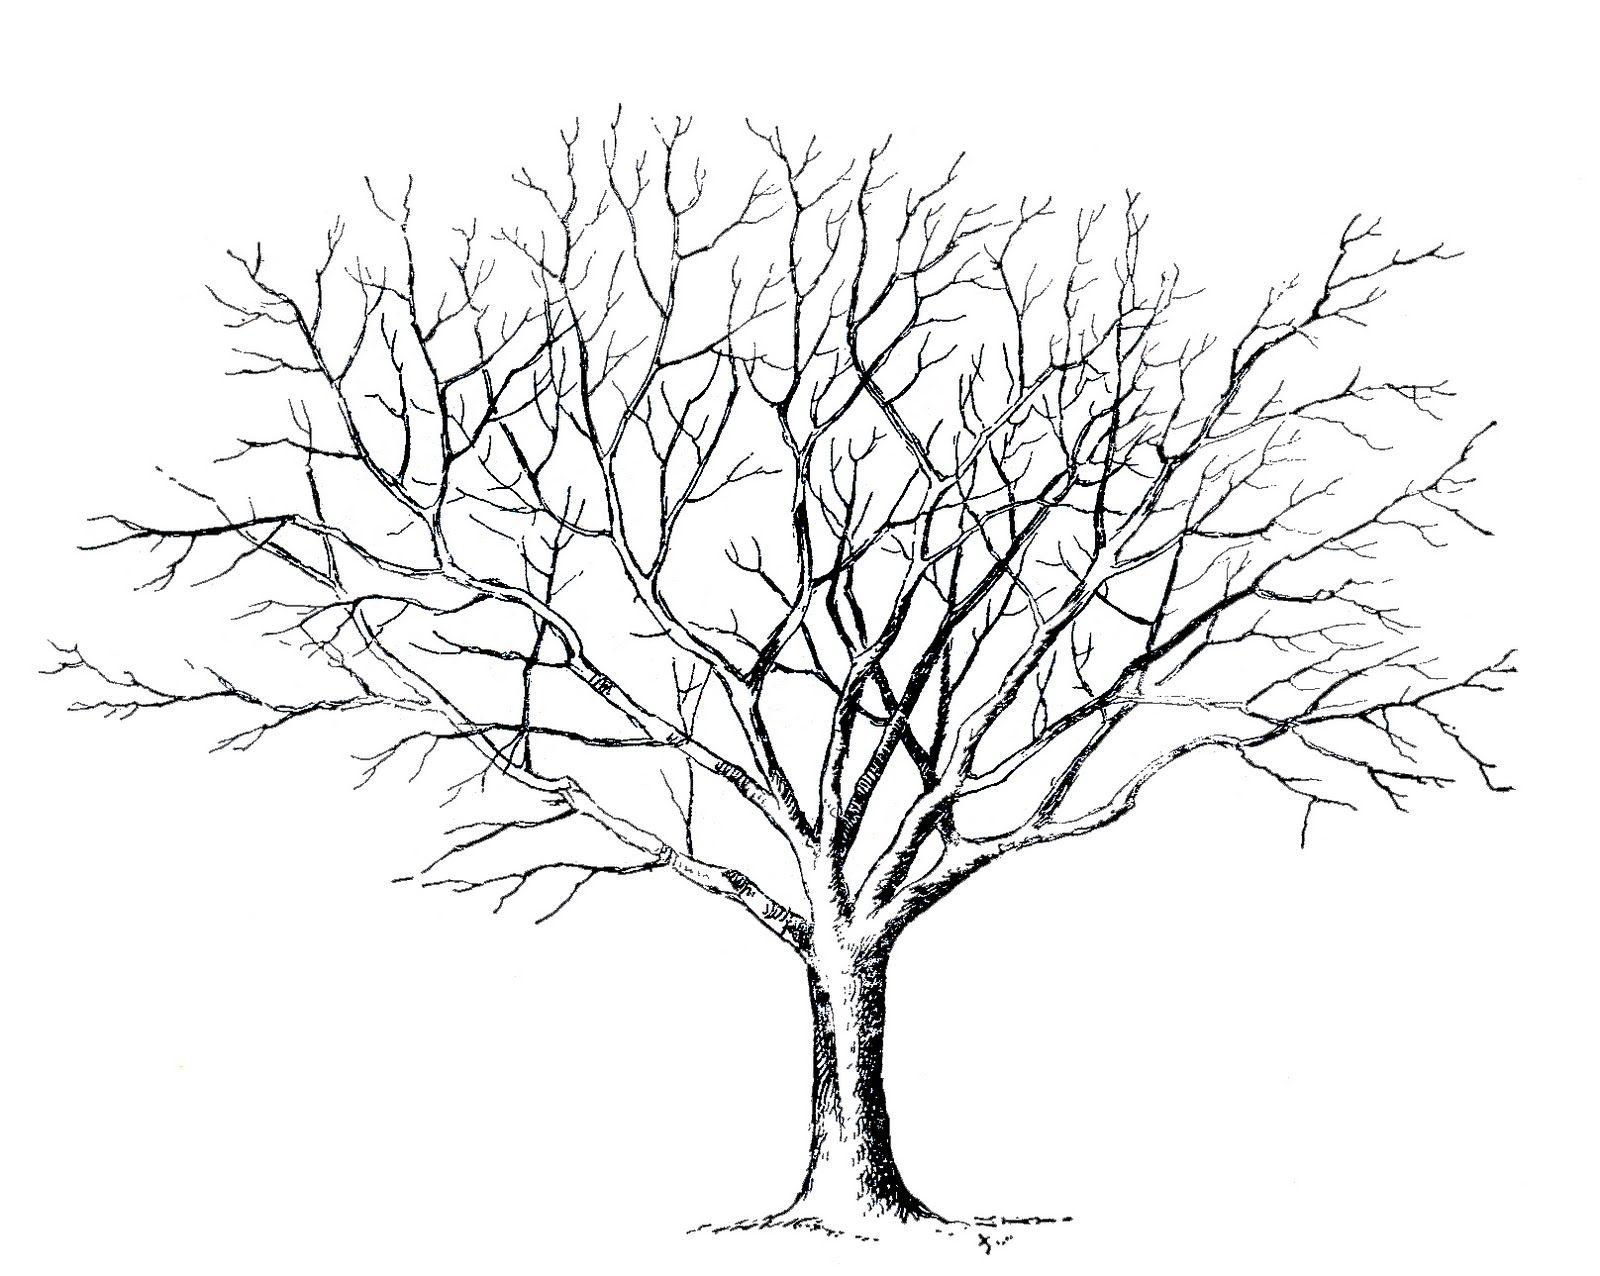 Malvorlage Baum Ohne Blätter (Mit Bildern) | Baum Zeichnung bei Malvorlage Baum Mit Ästen